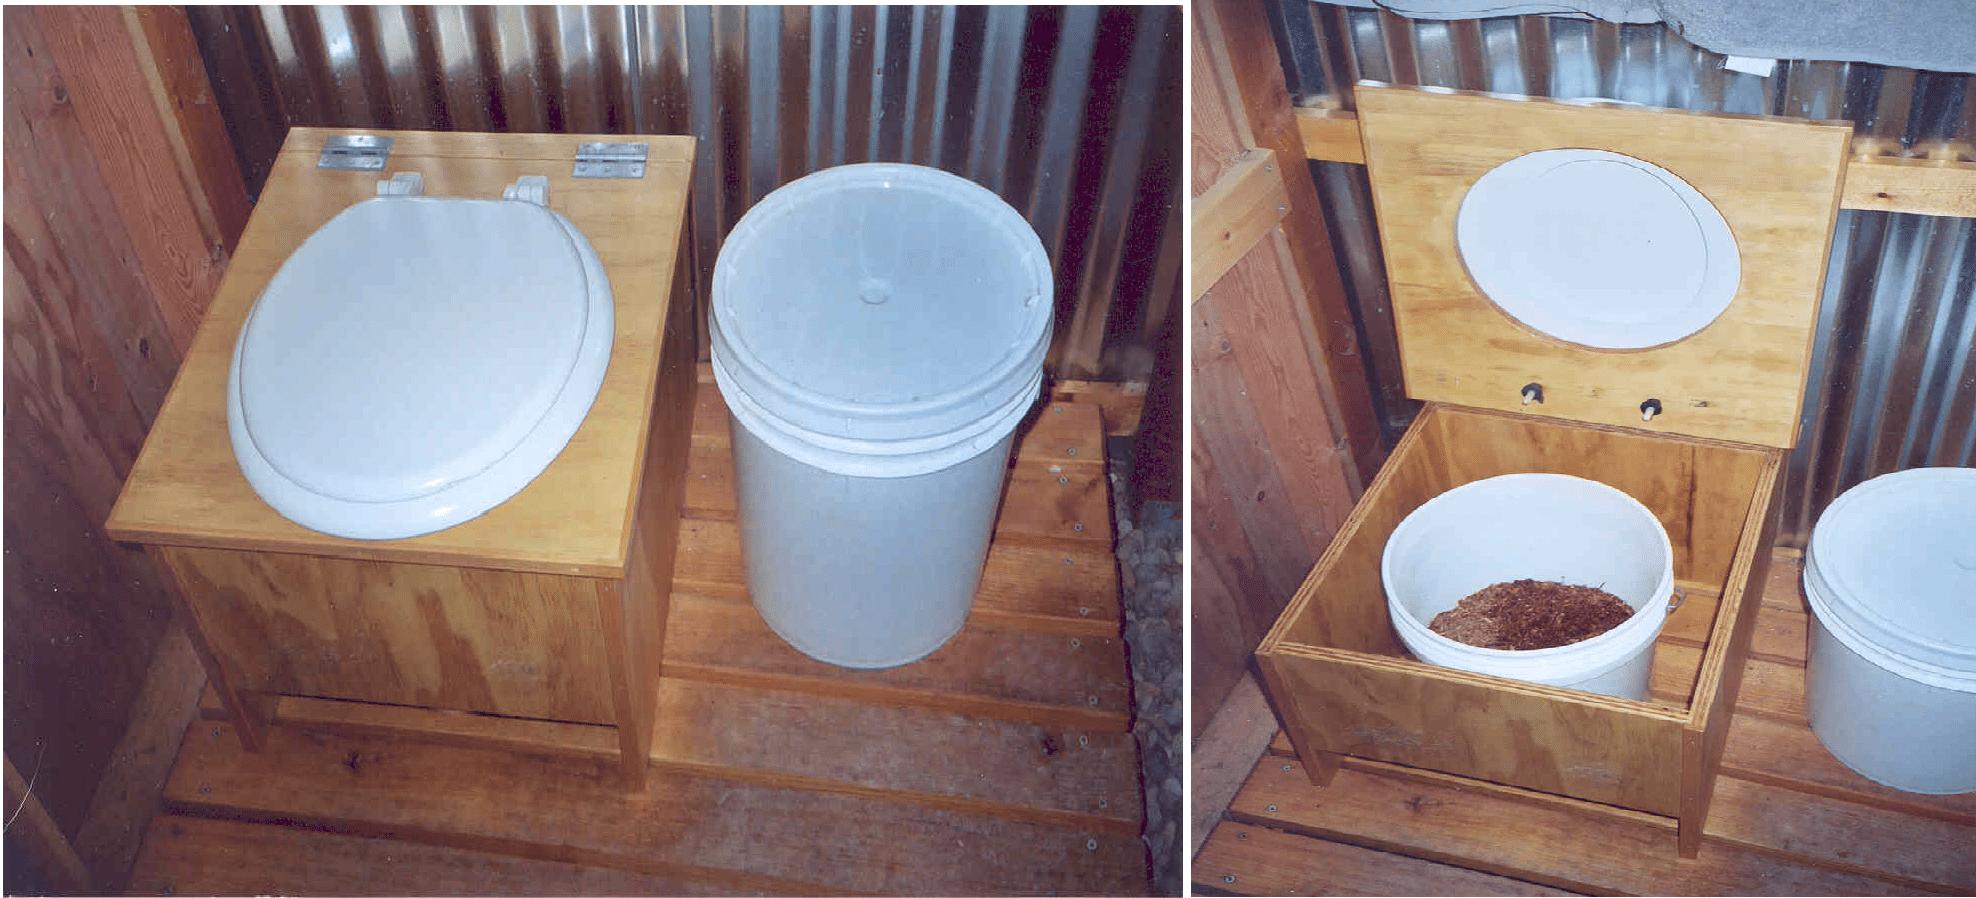 Как сделать унитаз на даче своими руками